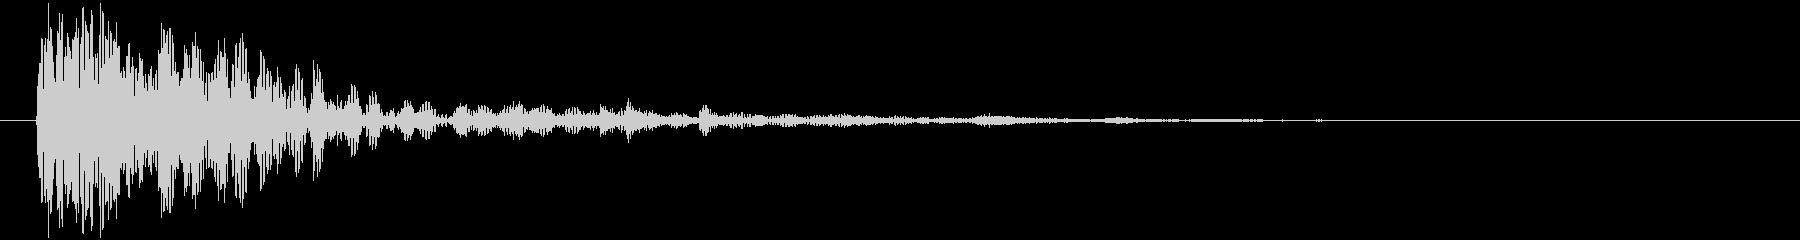 ヘビーメタルヒットアンドラトルメタ...の未再生の波形